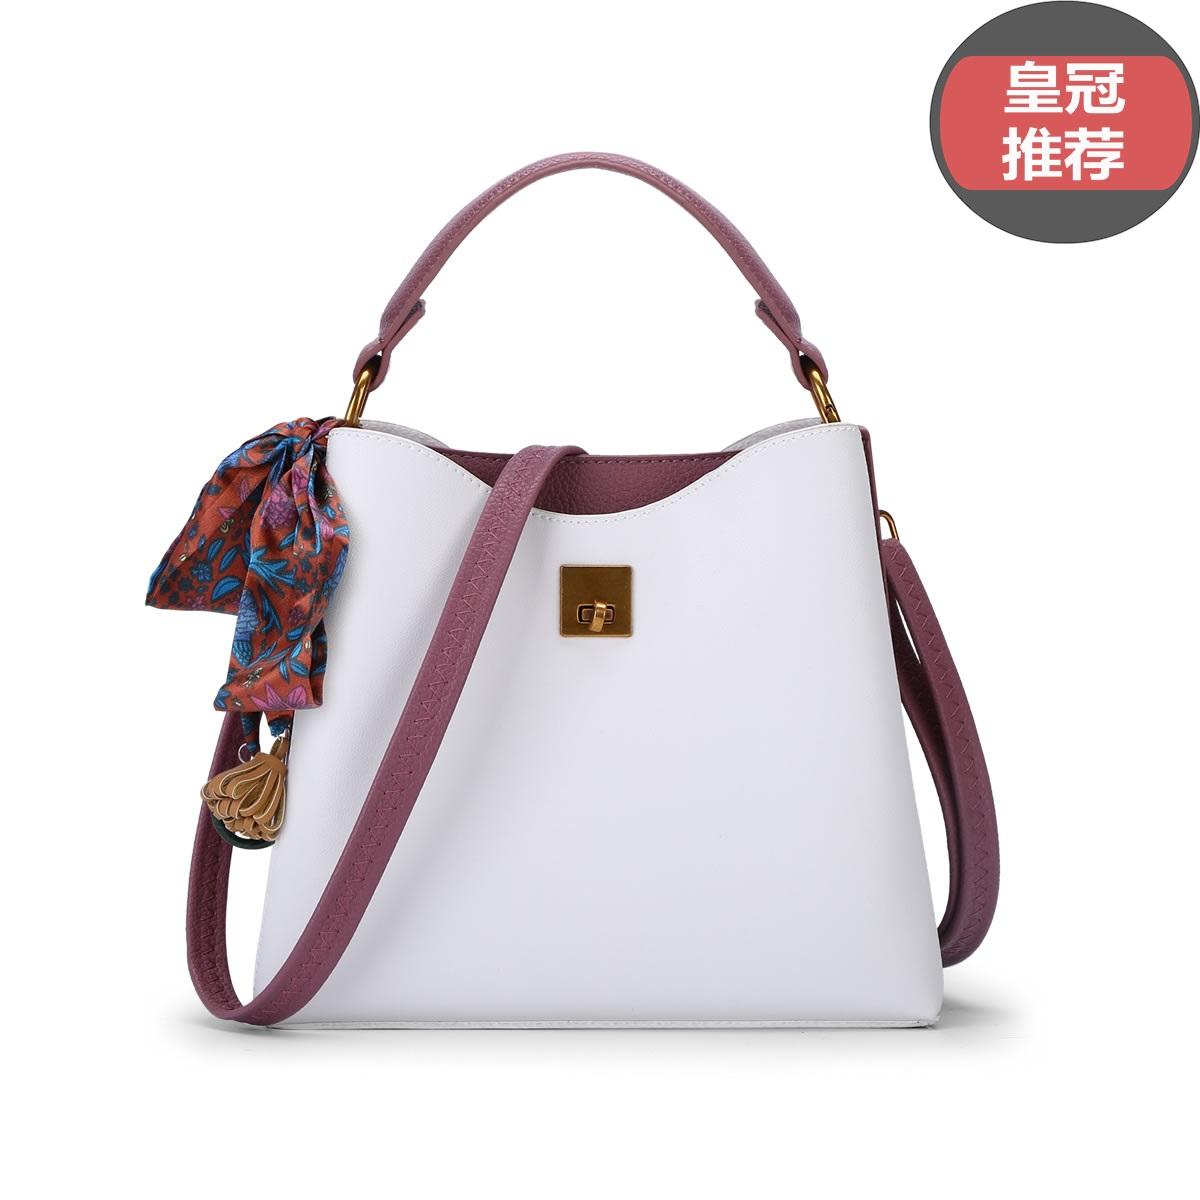 Женские сумки из кожзама Артикул 564905572091